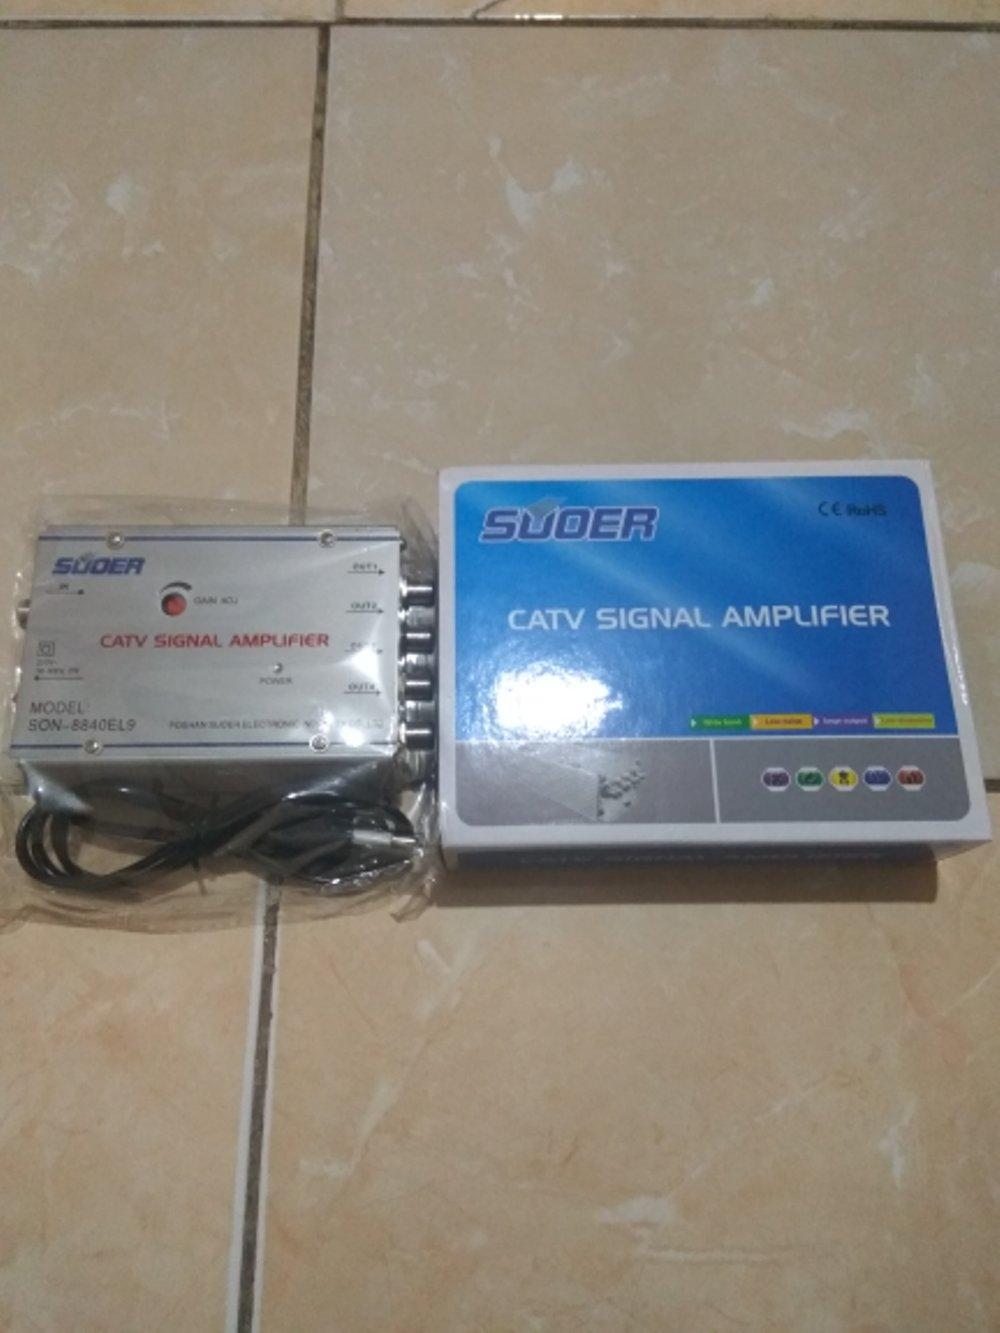 Splitter Catv Signal Amplifier Merek Suoer 4Way / 4 Cabang + Penguat Sinyal  Kualitas Terbaik Di Kelasnya